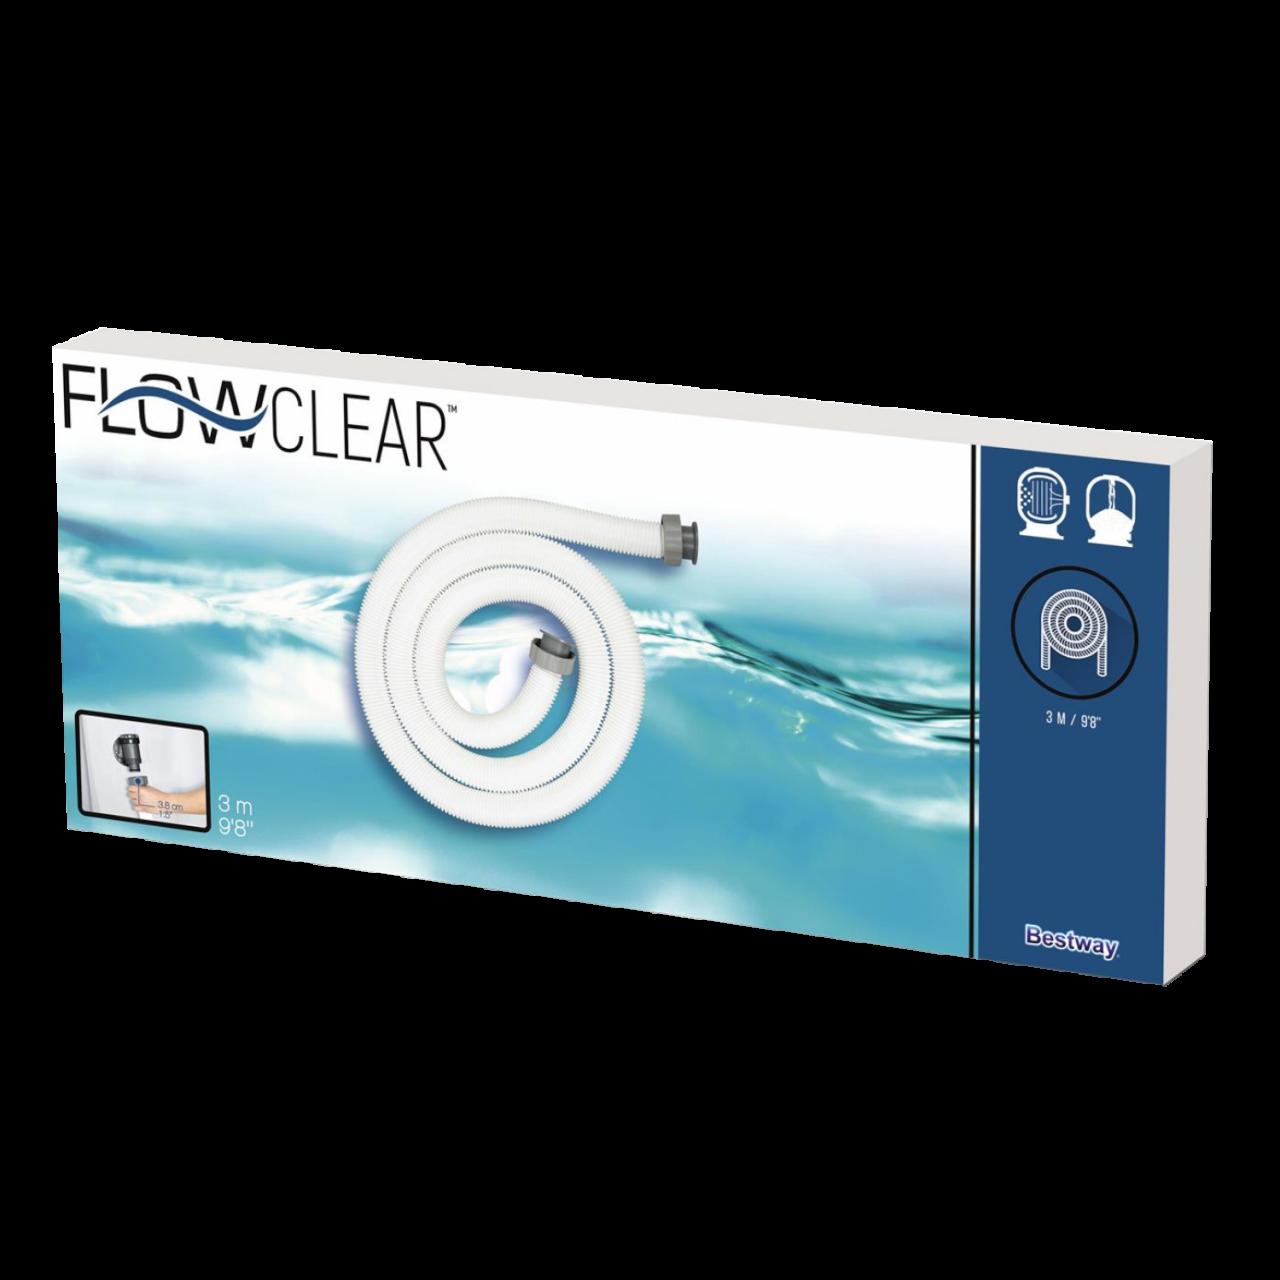 Bestway Flowclear Schlauch Universal Ø38mm Poolschlauch Pumpenschlauch 3m 58368